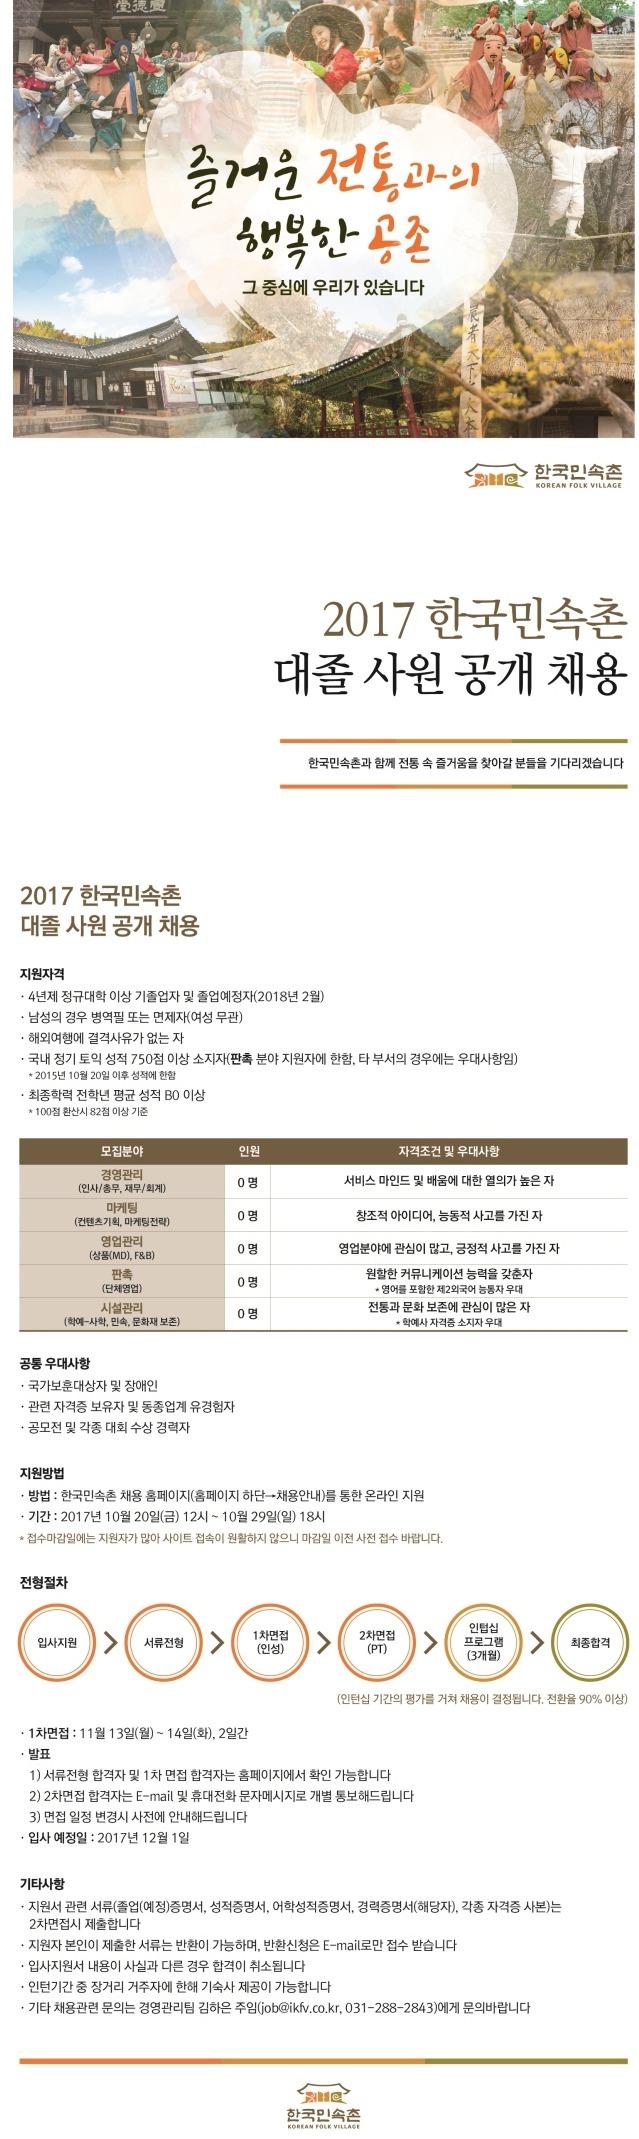 2017 한국민속촌 대졸사원 공개채용(~10.29)